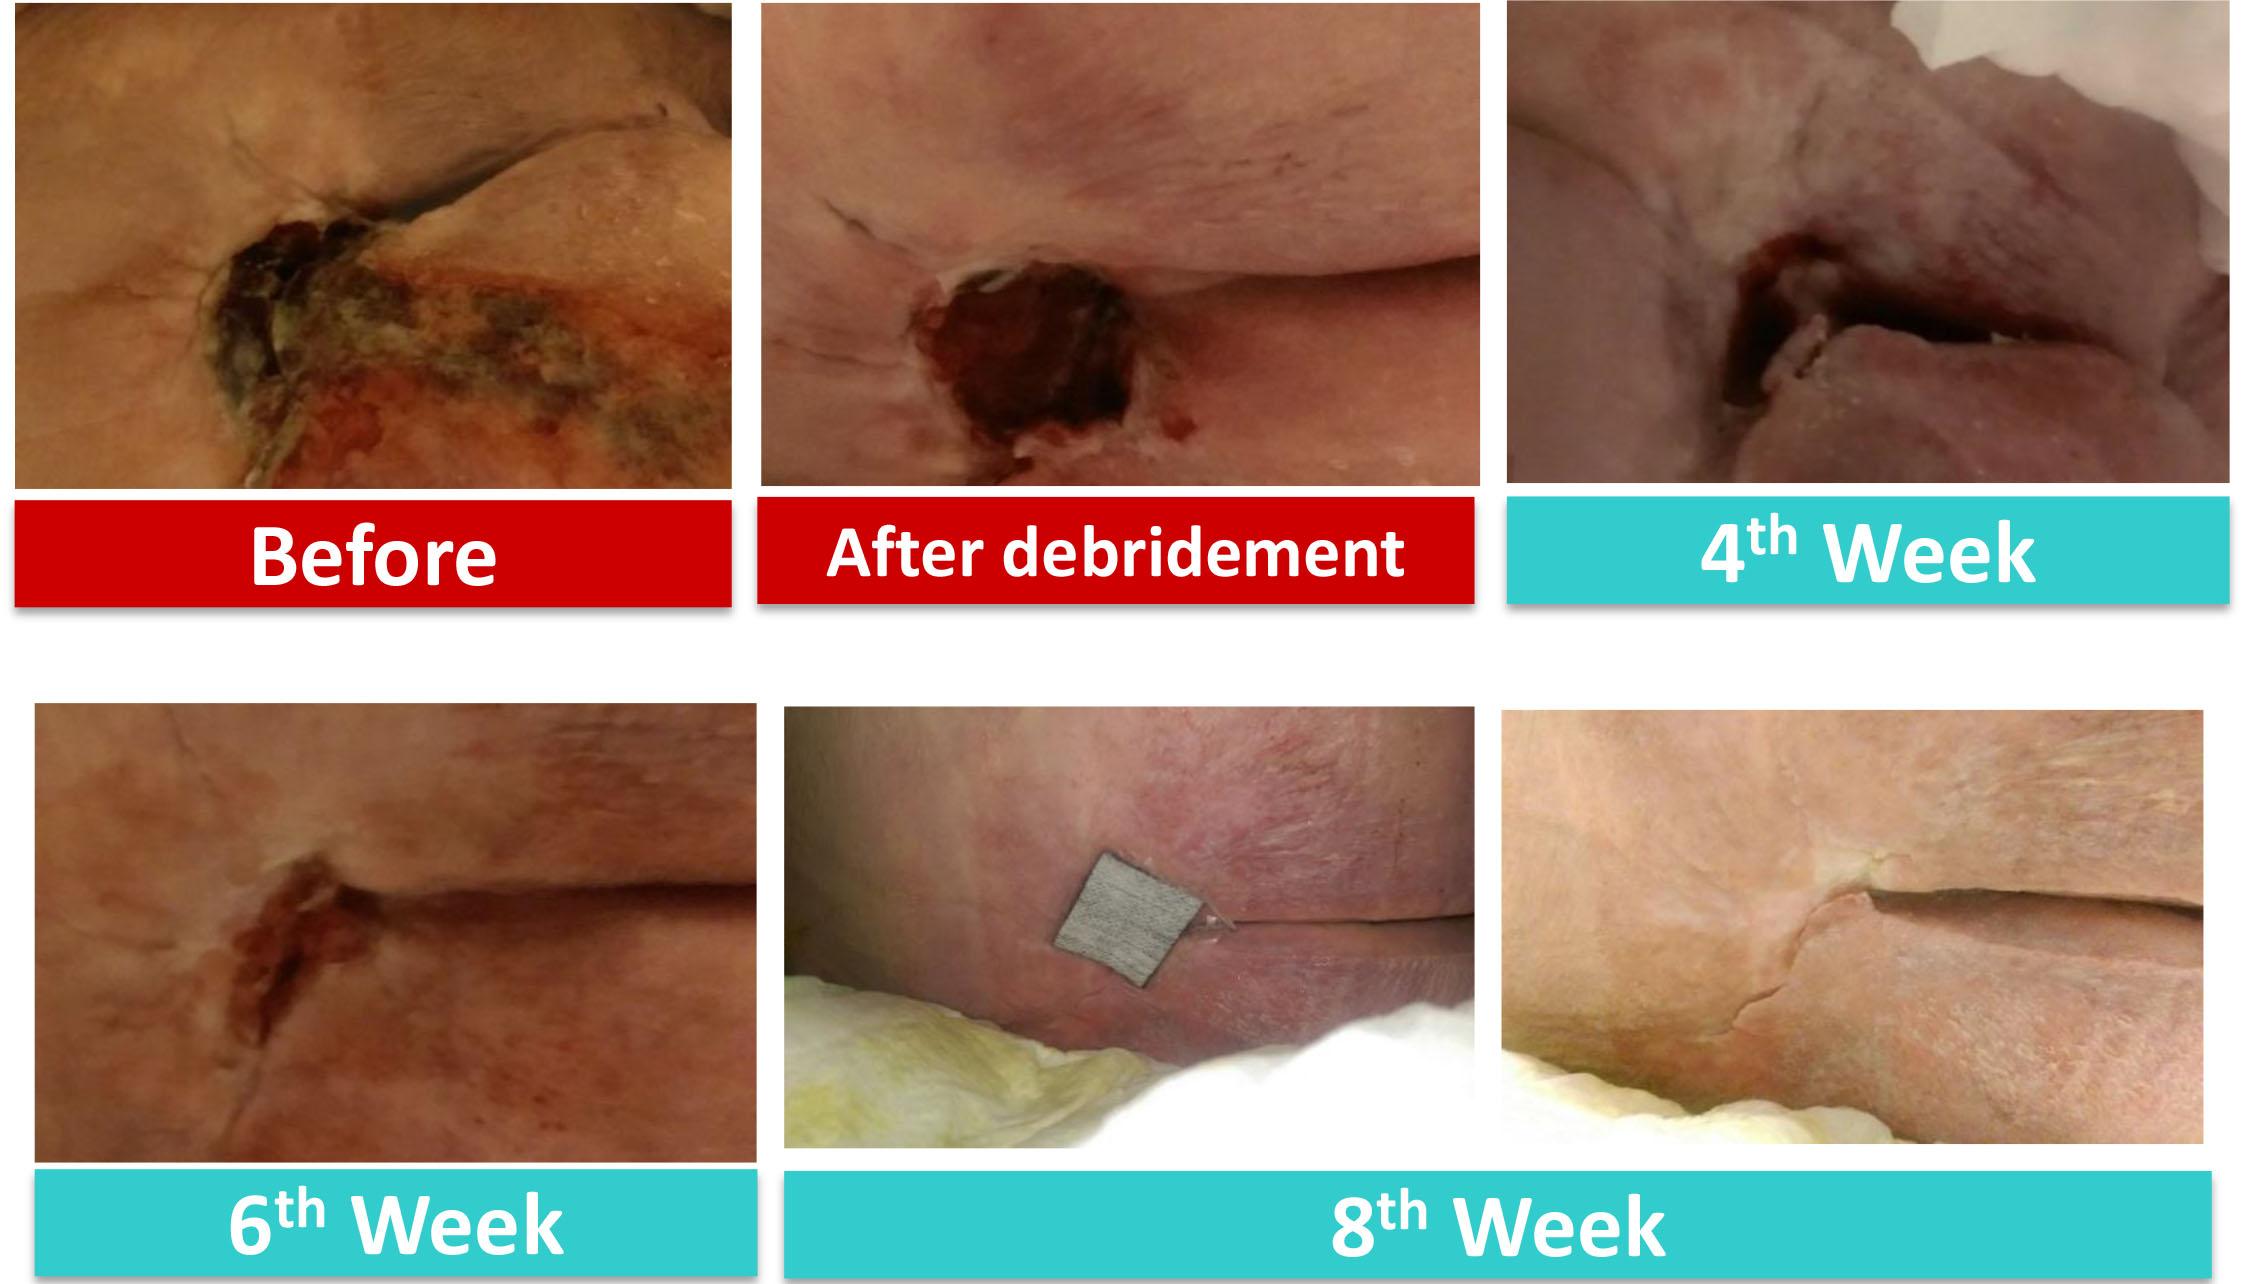 kocarbon ag silver dressing case study case 3 sacral pressure ulcer